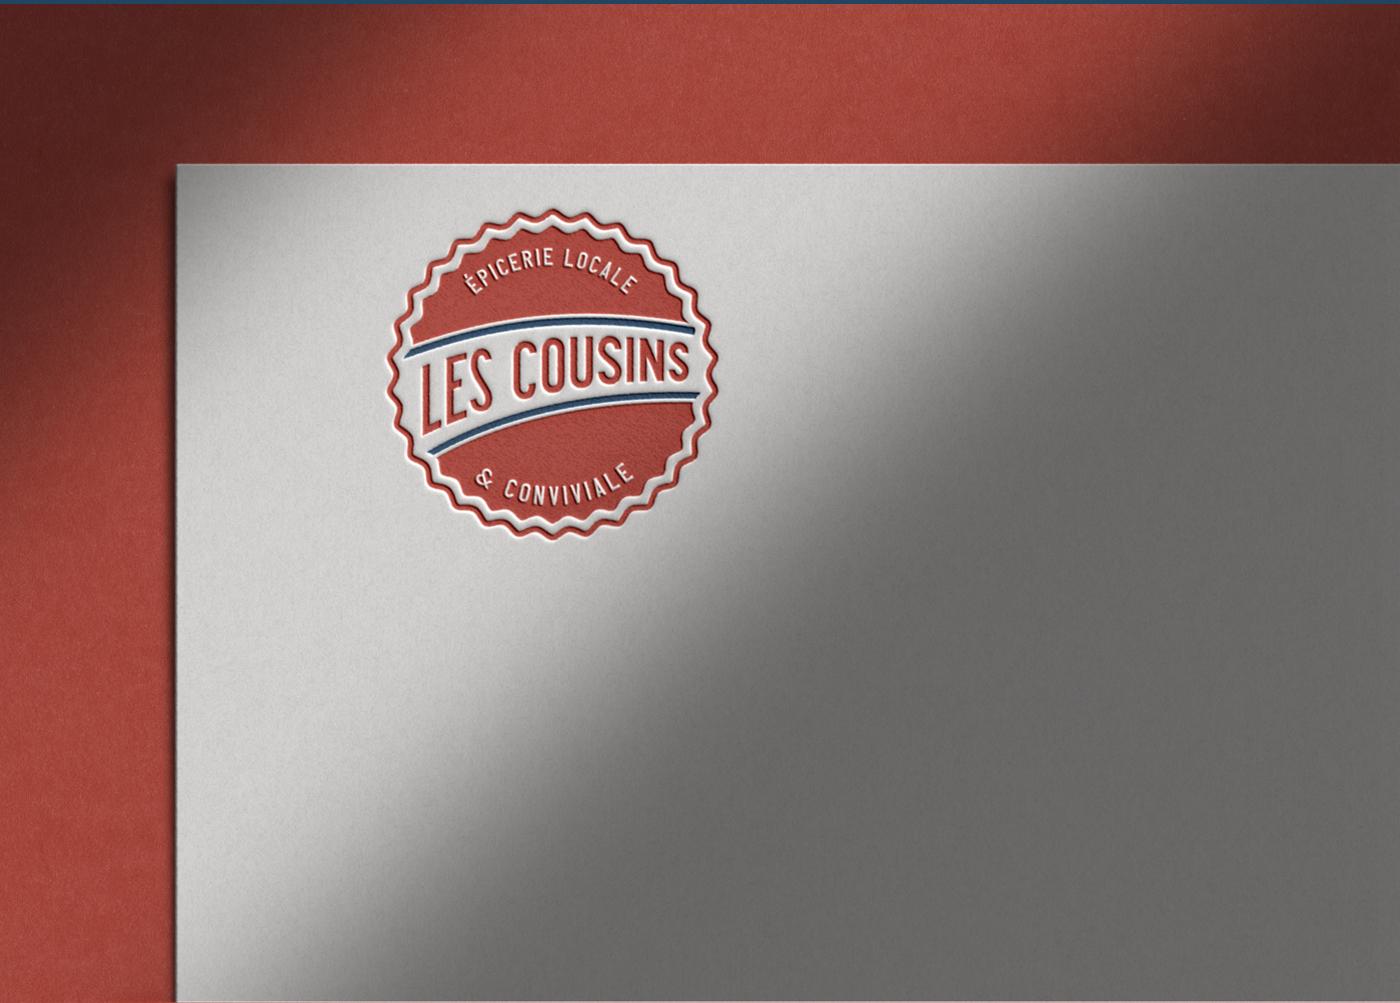 Les Cousins logo secondaire rouge - Mathieu Dupuis freelance